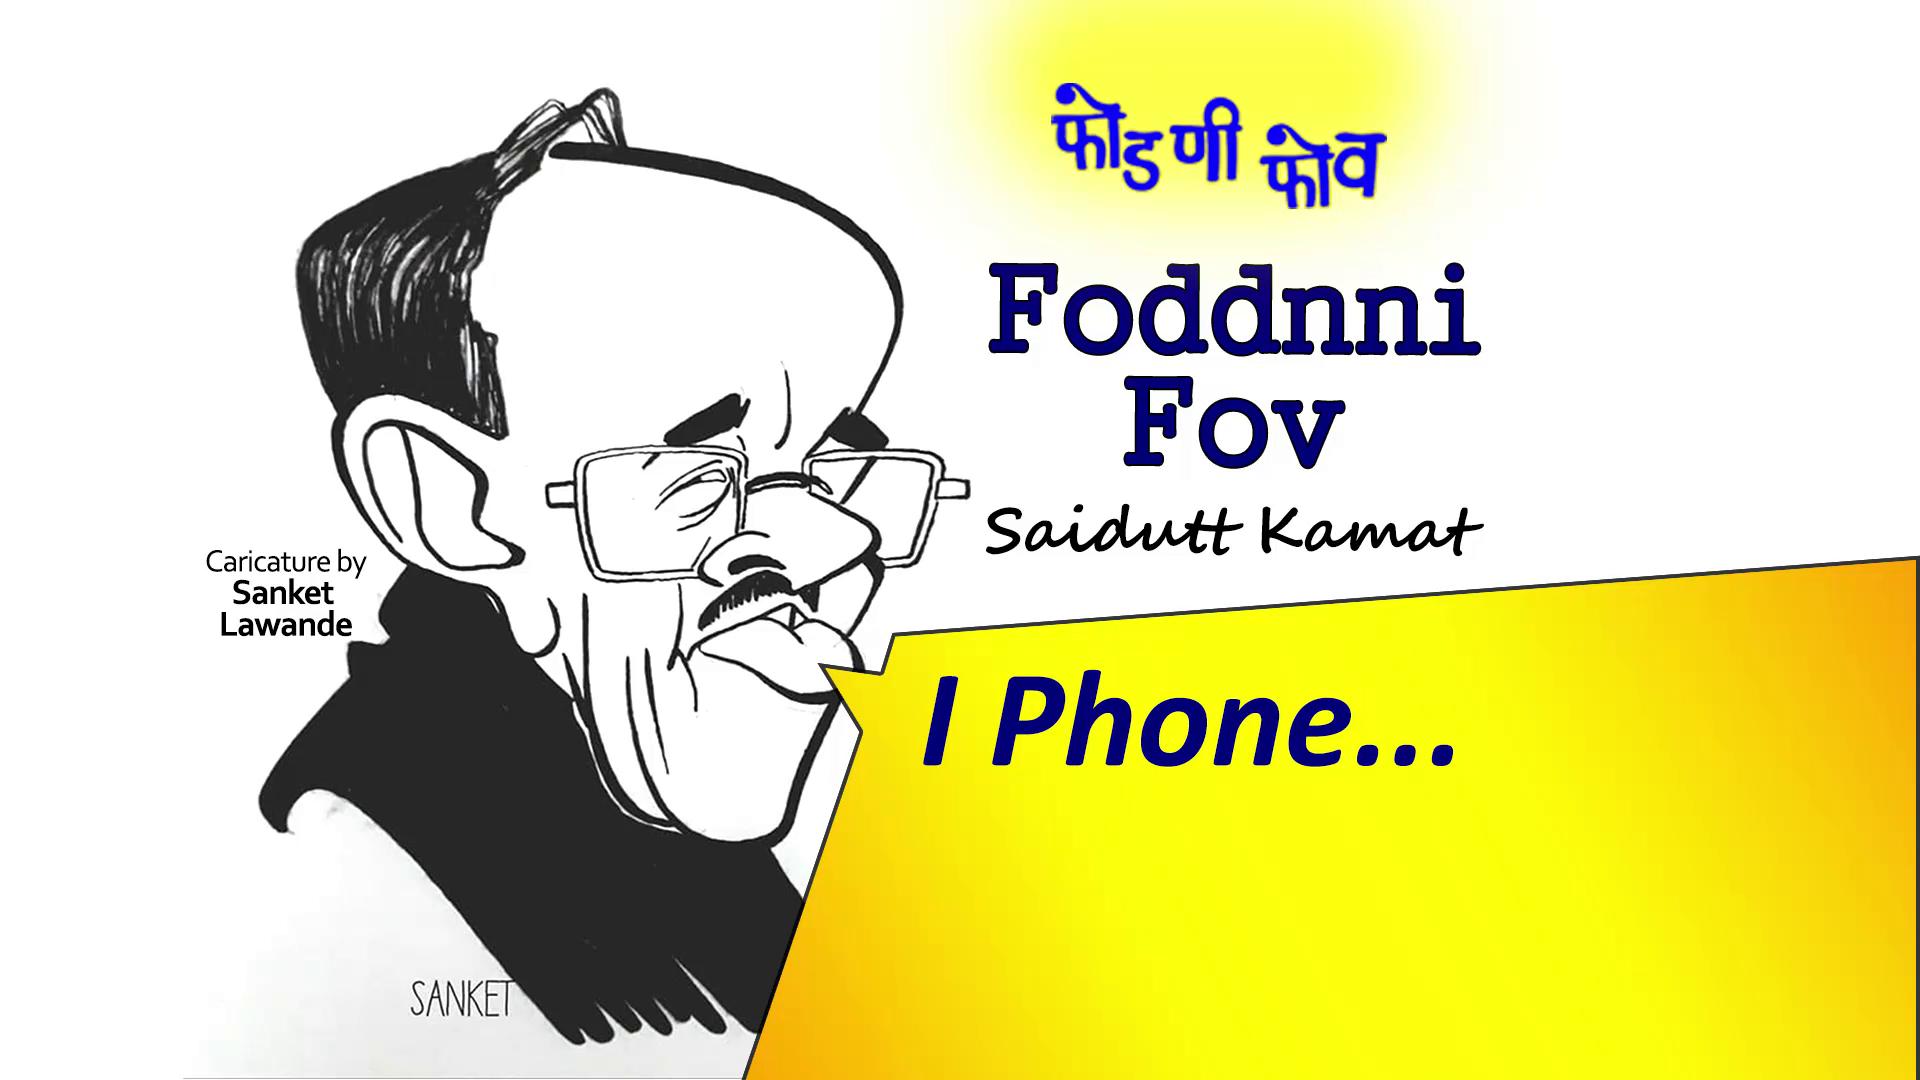 FODDNNI_FOV : I Phone